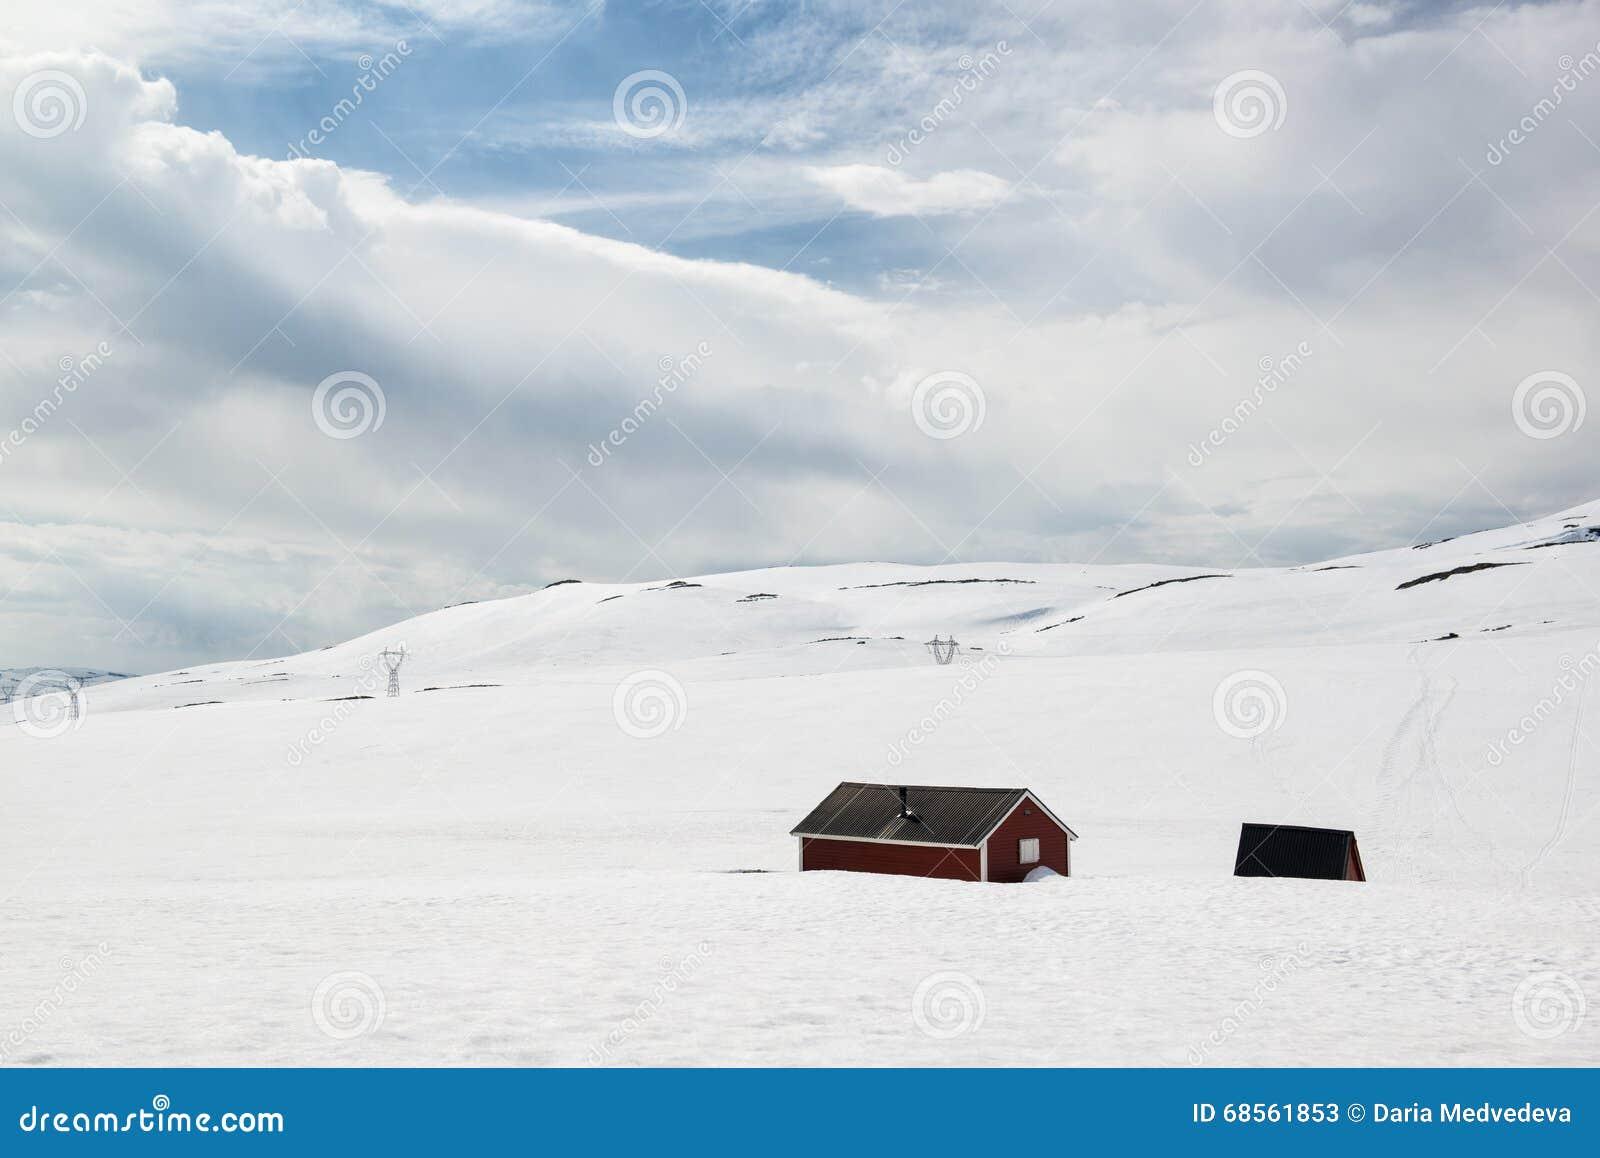 Ajardine en el día de verano soleado con nieve y casas solas, en el camino Aurlandsfjellet, Noruega